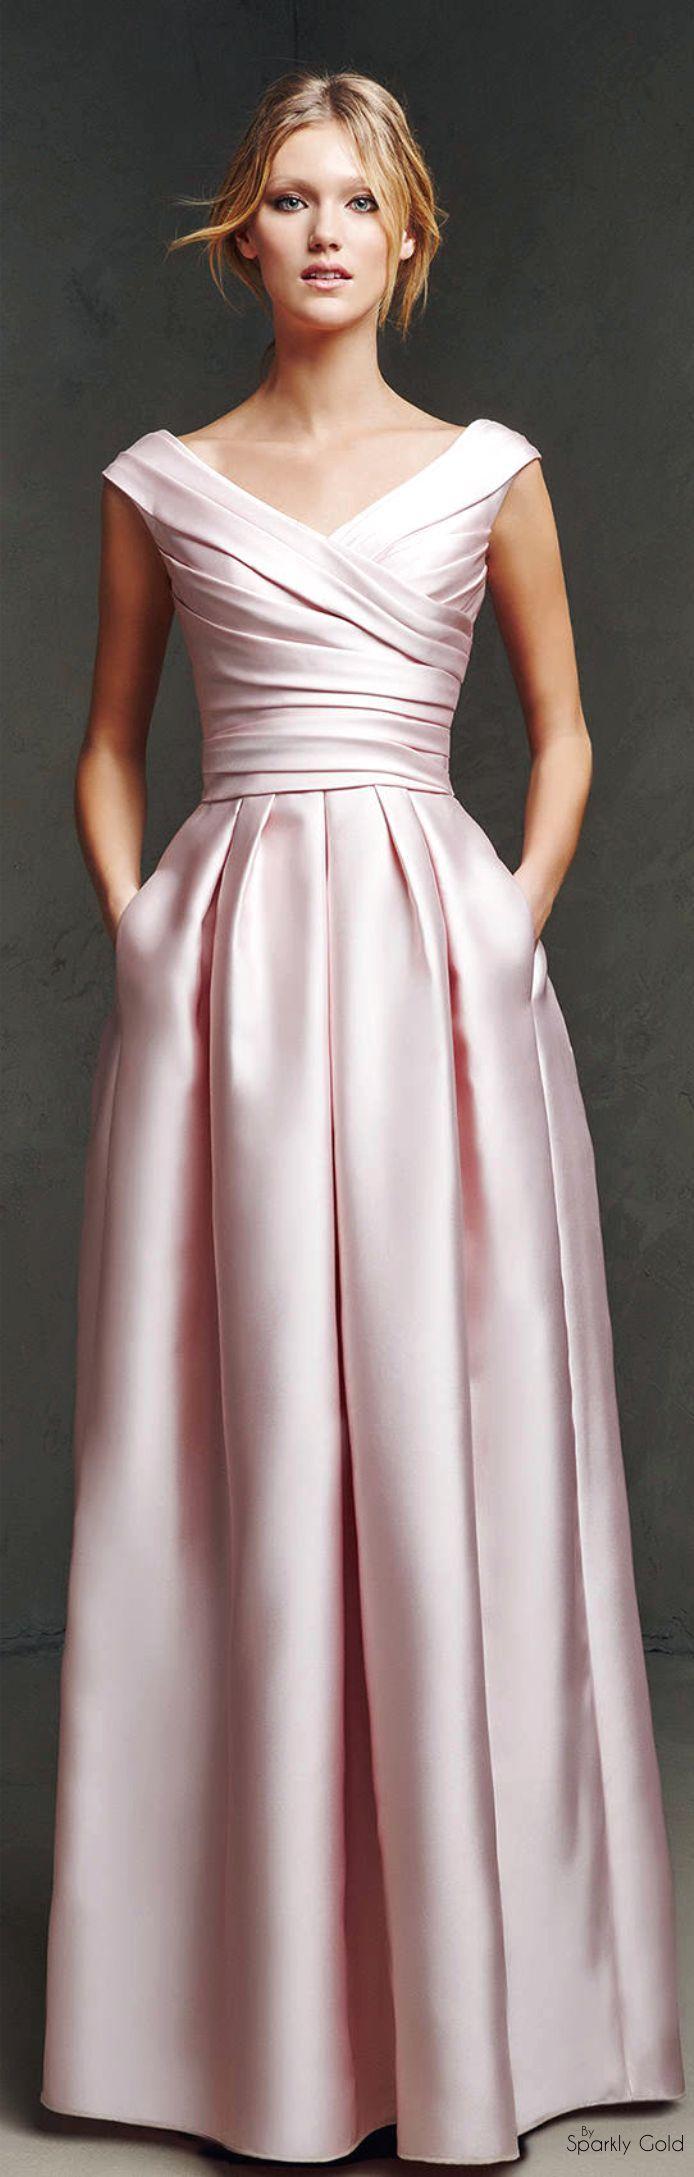 21 besten Kleider Bilder auf Pinterest | Kleider, Vintage kleider ...